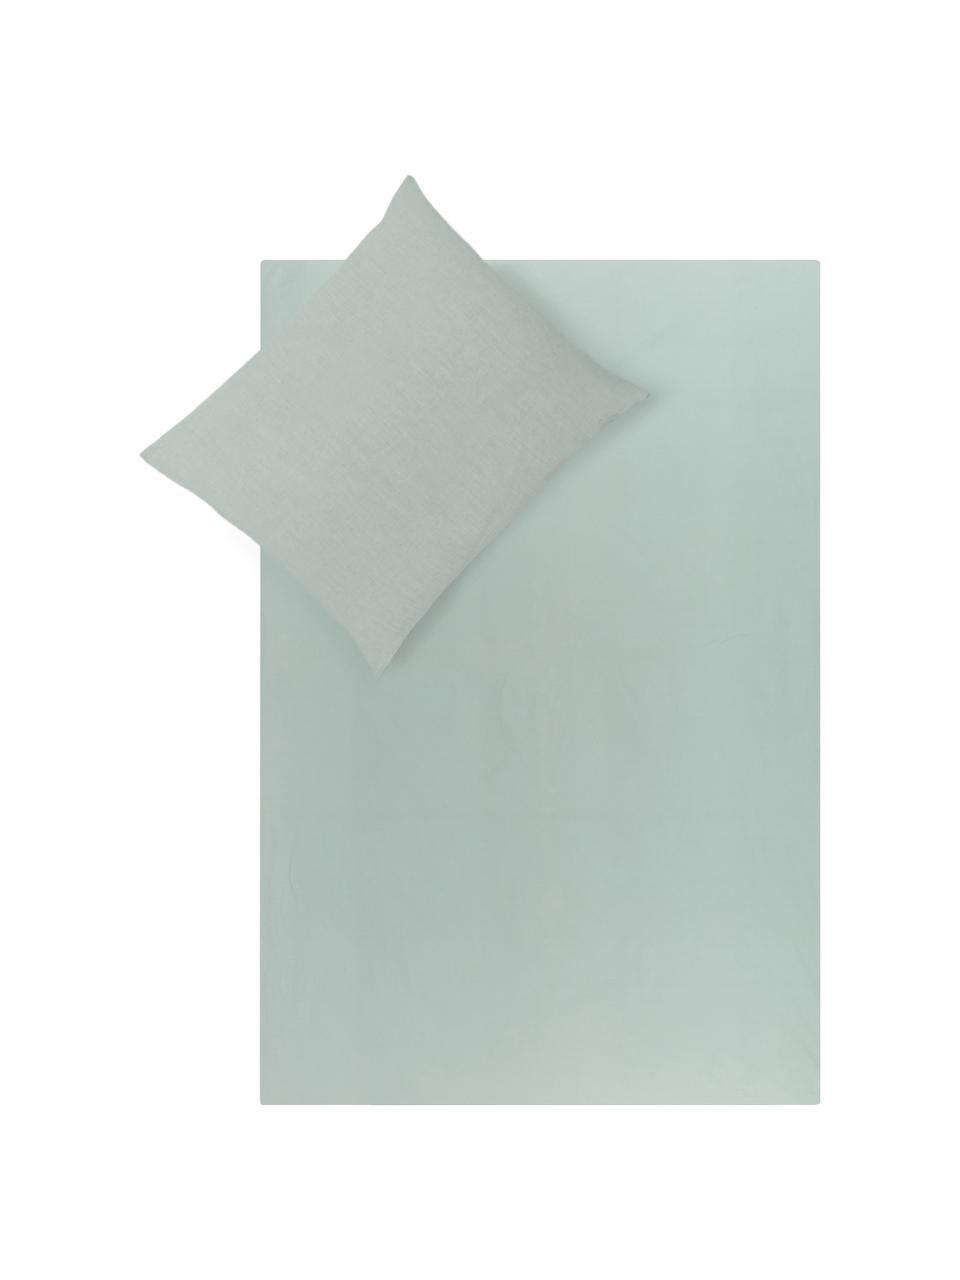 Dubbelzijdige linnen dekbedovertrek Natural met onderzijde van perkal, Bovenzijde: 65% linnen, 35% katoen, Onderzijde: katoen, Weeftechniek: perkal Draaddichtheid 200, Jadegroen, 200 x 220 cm